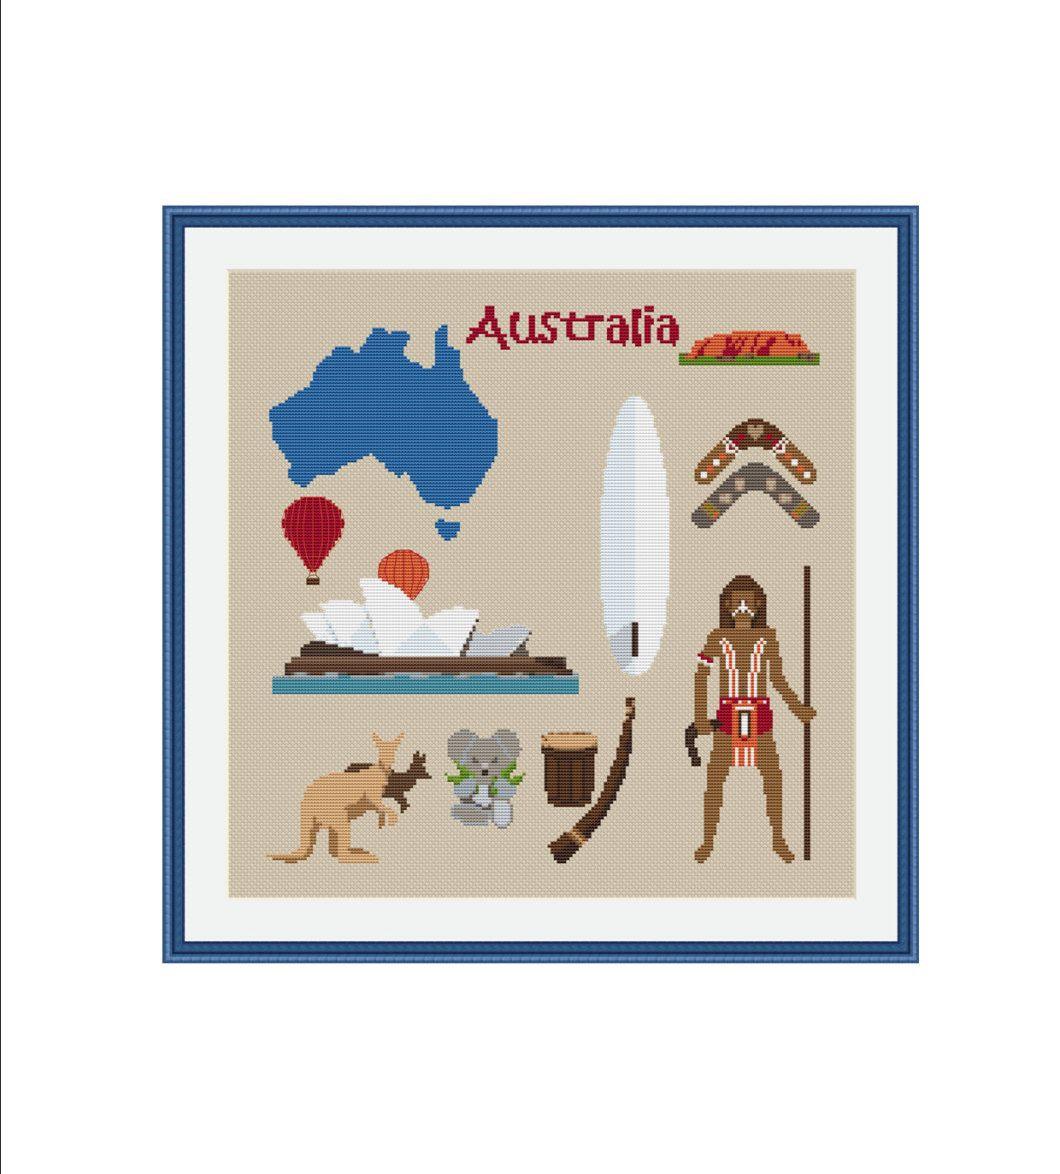 Australia Cross Stitch Pattern Australian Cross Stitch Chart